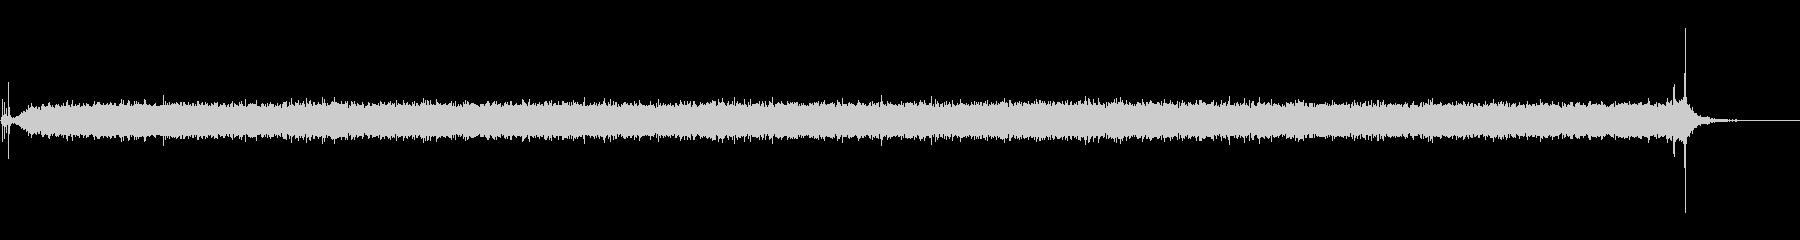 ヘアドライヤー-ホテルの壁掛け式ド...の未再生の波形